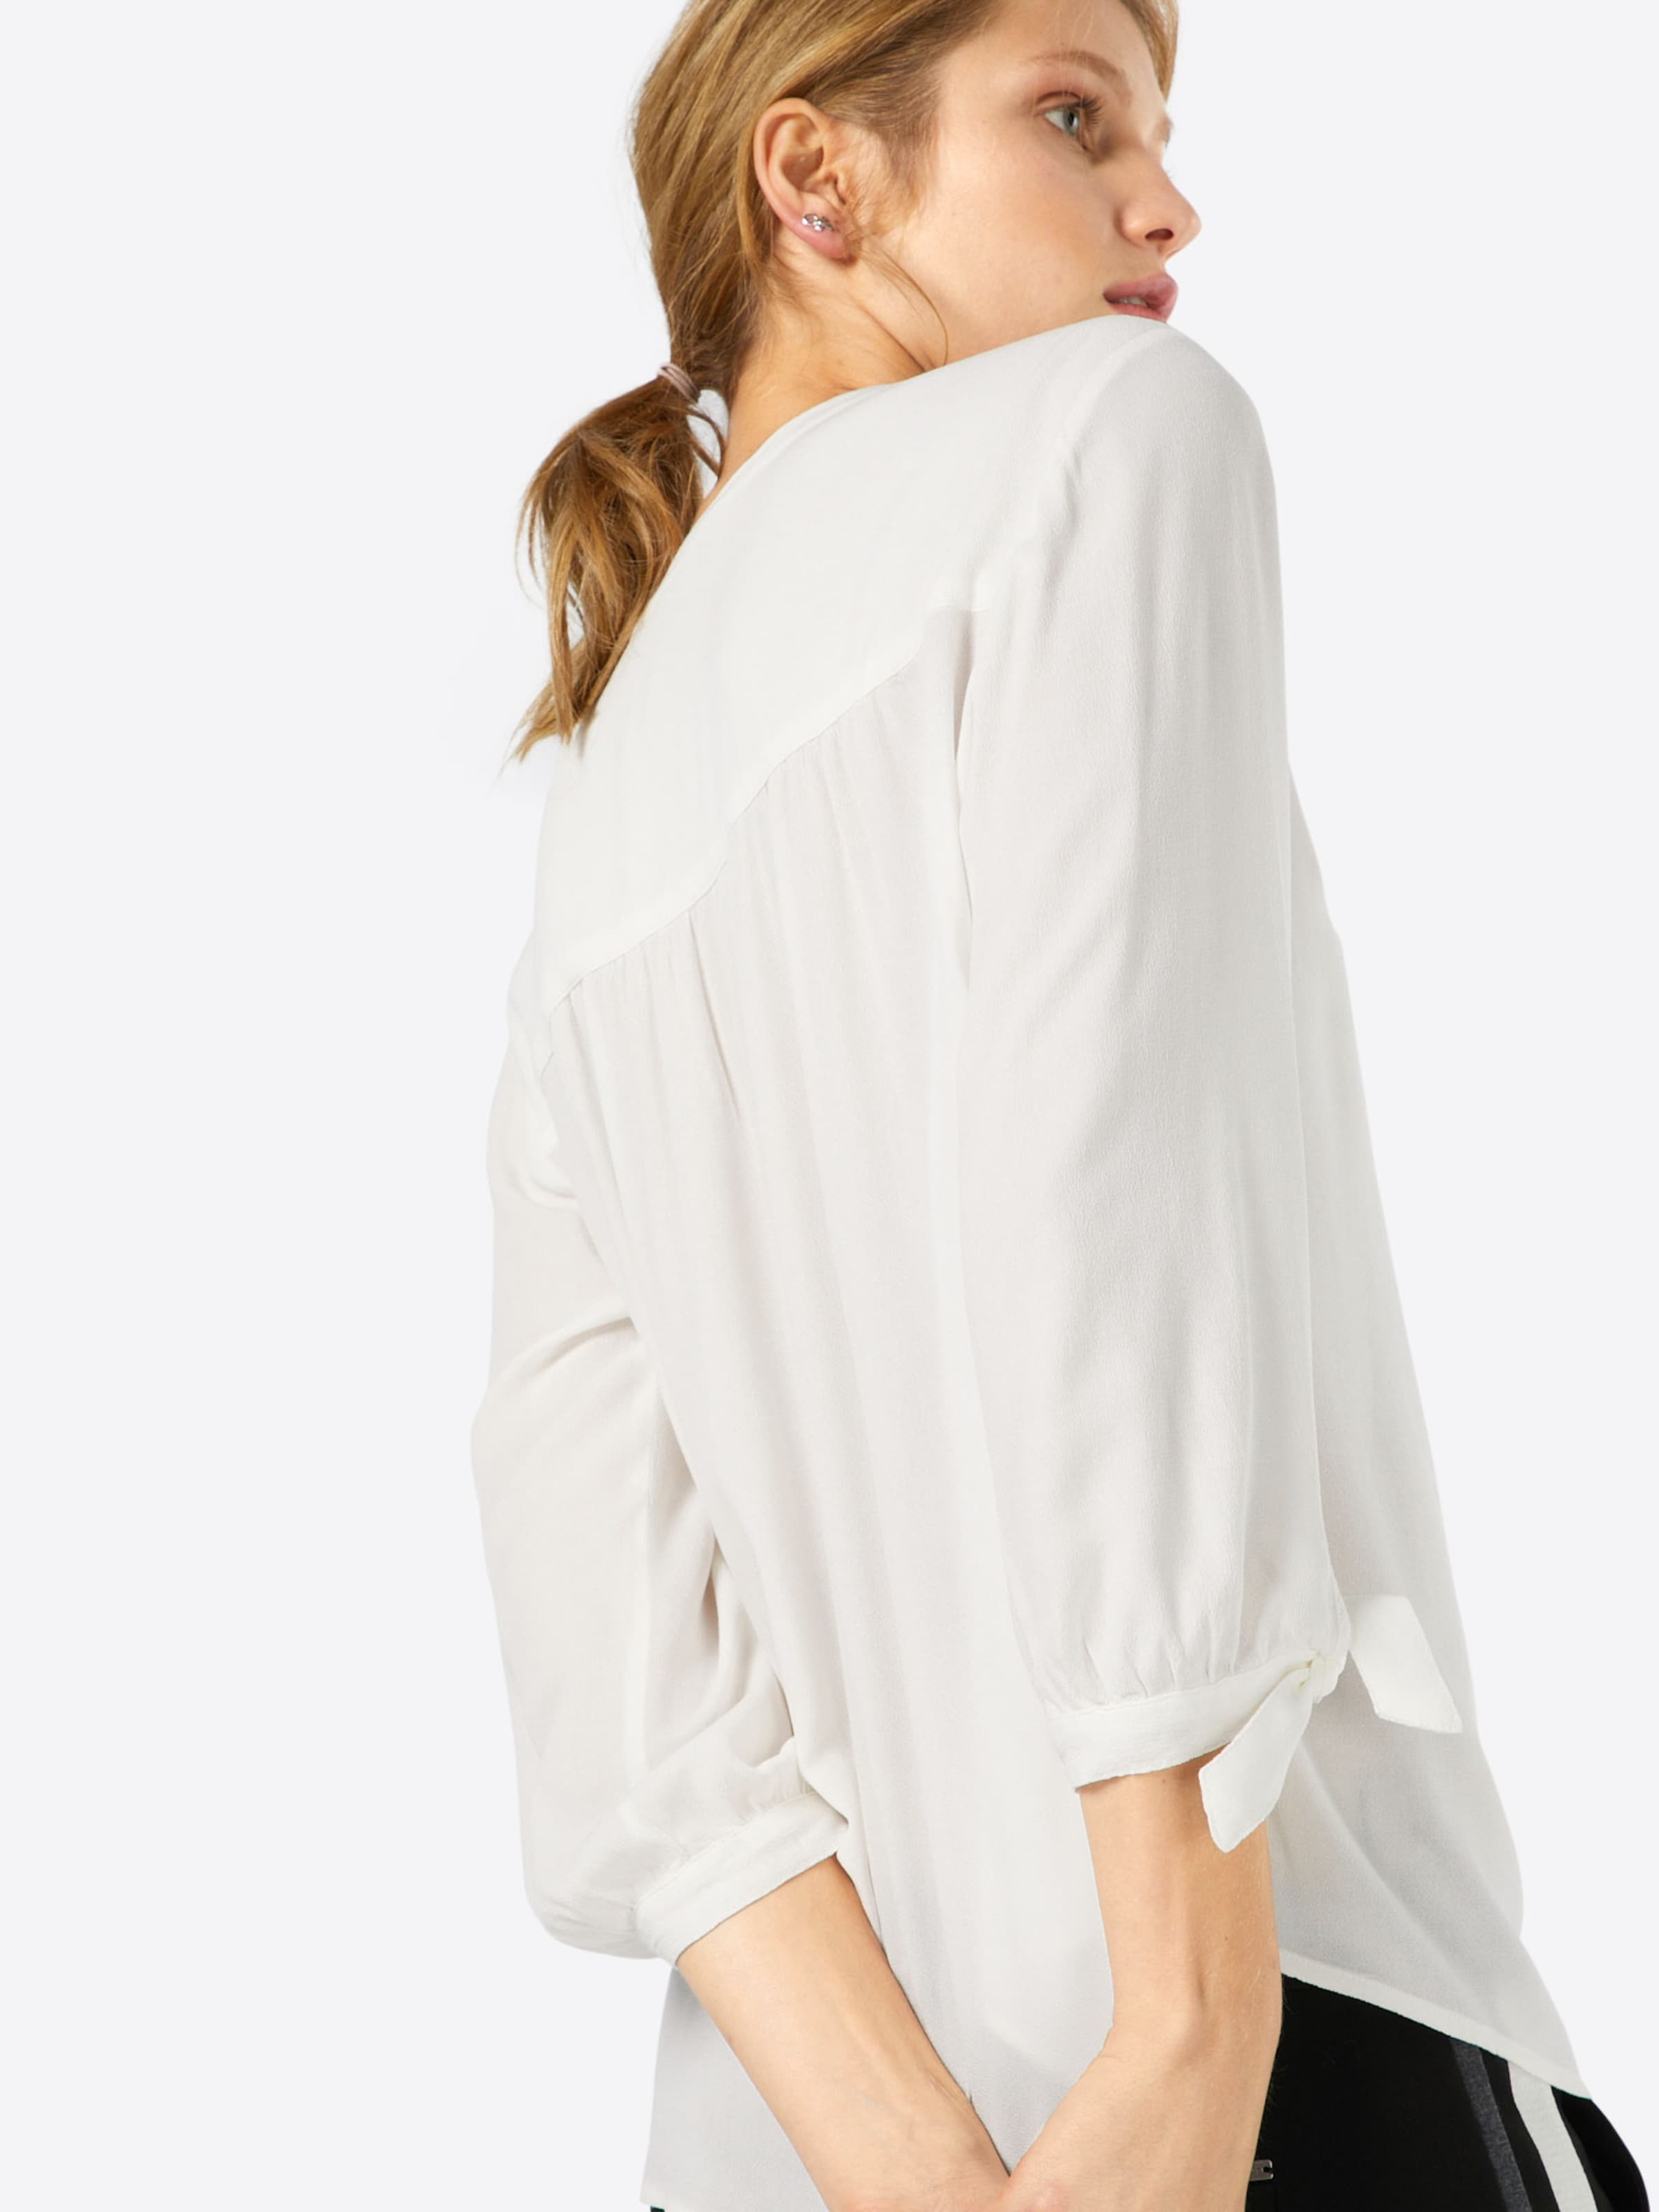 TOM TAILOR DENIM Bluse 'feminine tunic with bow detail' Billig Verkauf Extrem Gutes Angebot Auslass Für Billig C6jIjKs